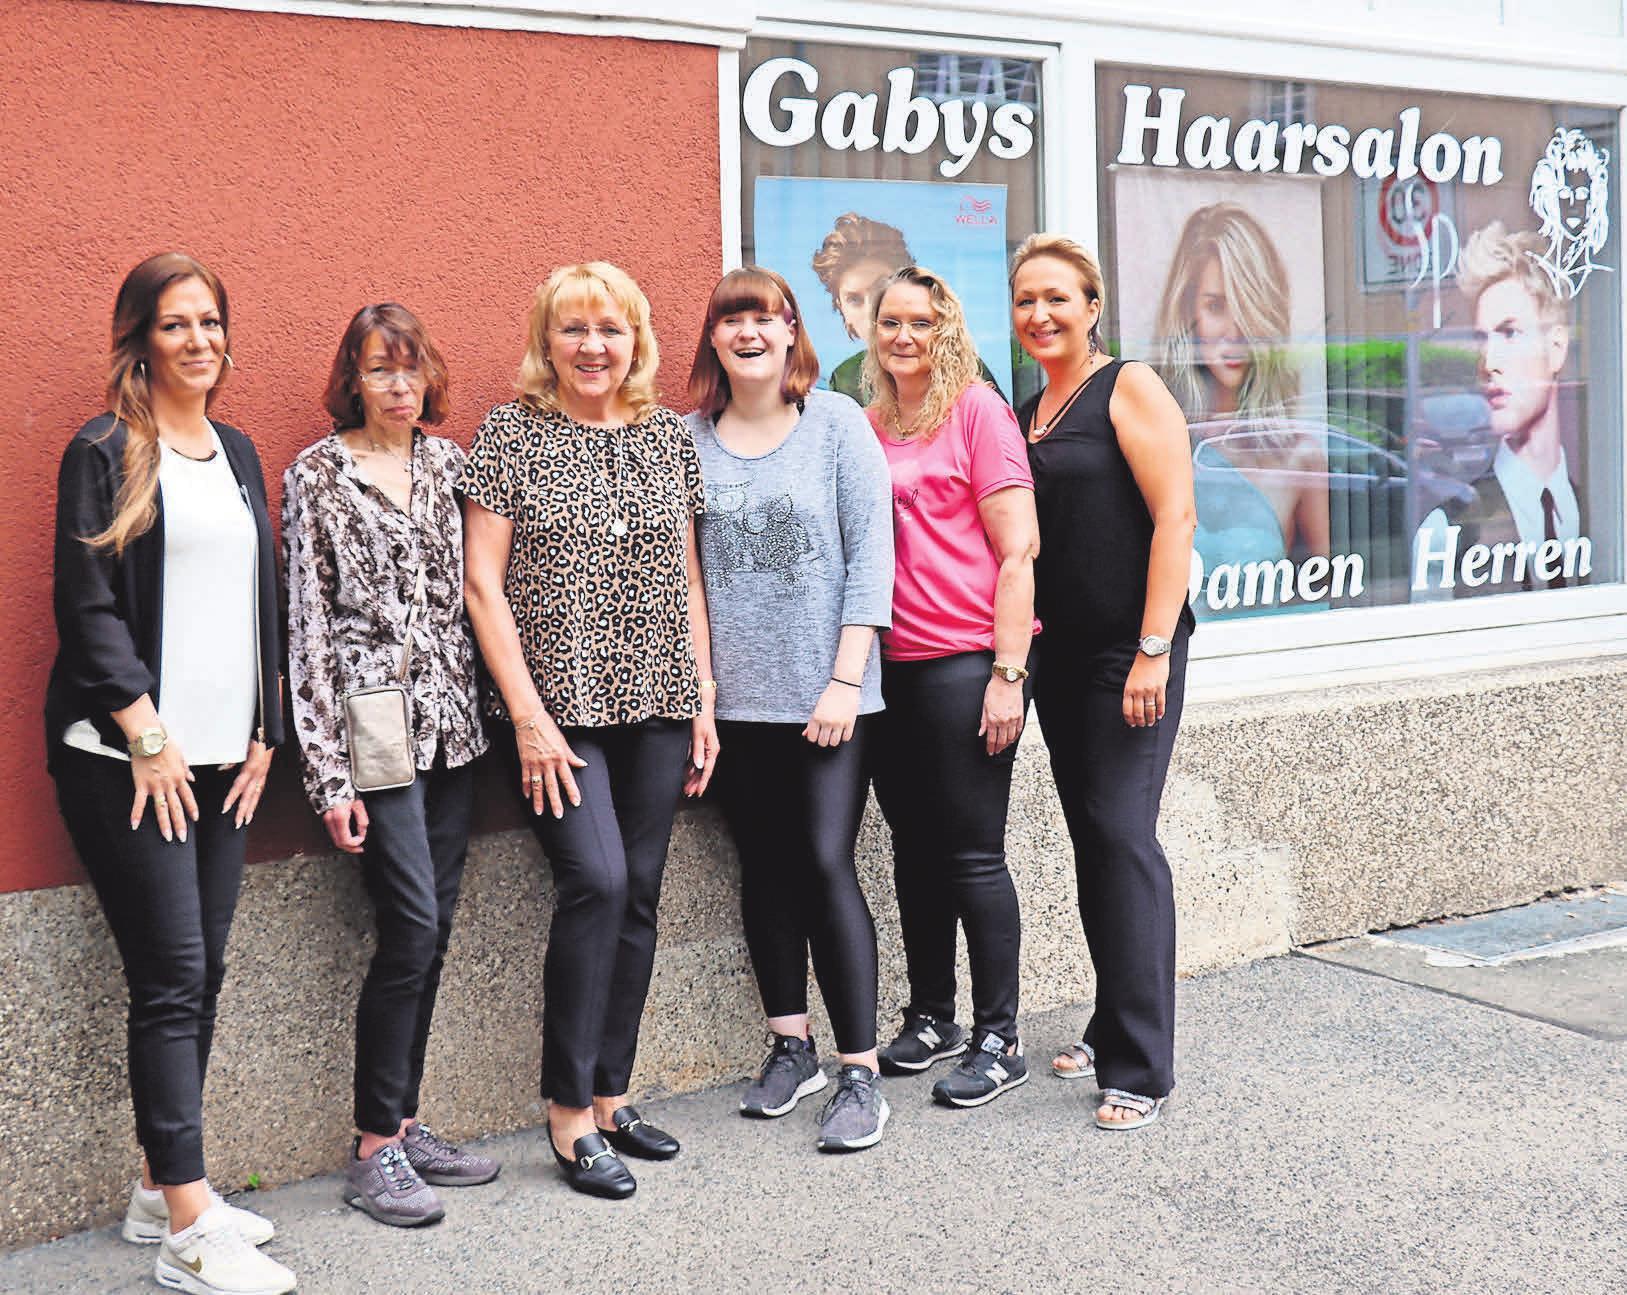 Feiern 39-jähriges Bestehen: Das Team von Gabys Haarsalon, dem Jessica Nürnberg (von links), Erika Pöhlert, Gabriele Bernat-Däwes, Sophia Eberle, Kirsten Nölker und Nicole Wolf angehören.